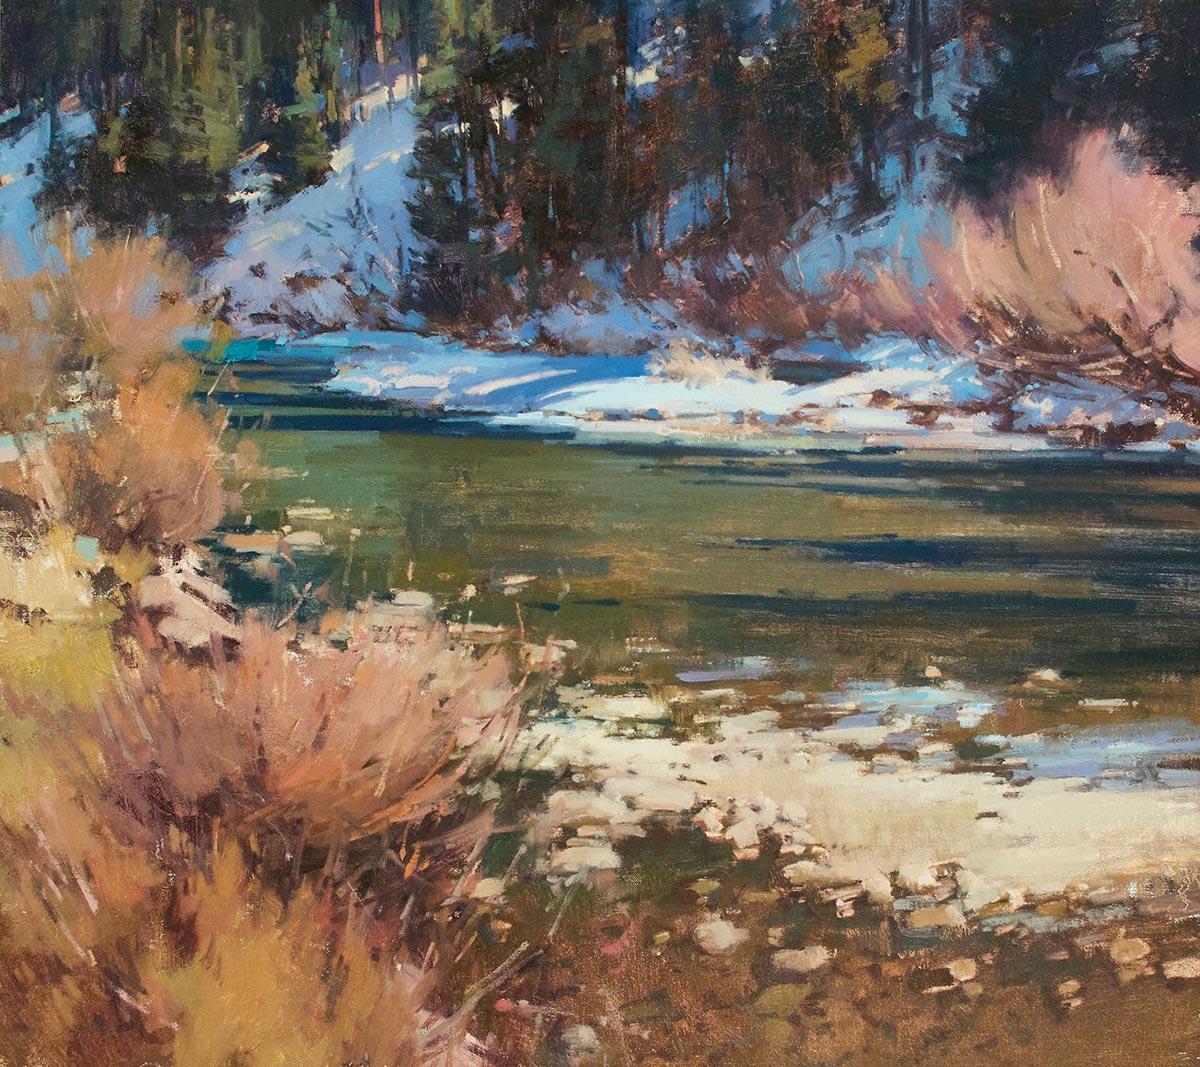 Fall's Last Serenade, 24x27 oil, by Jill Carver